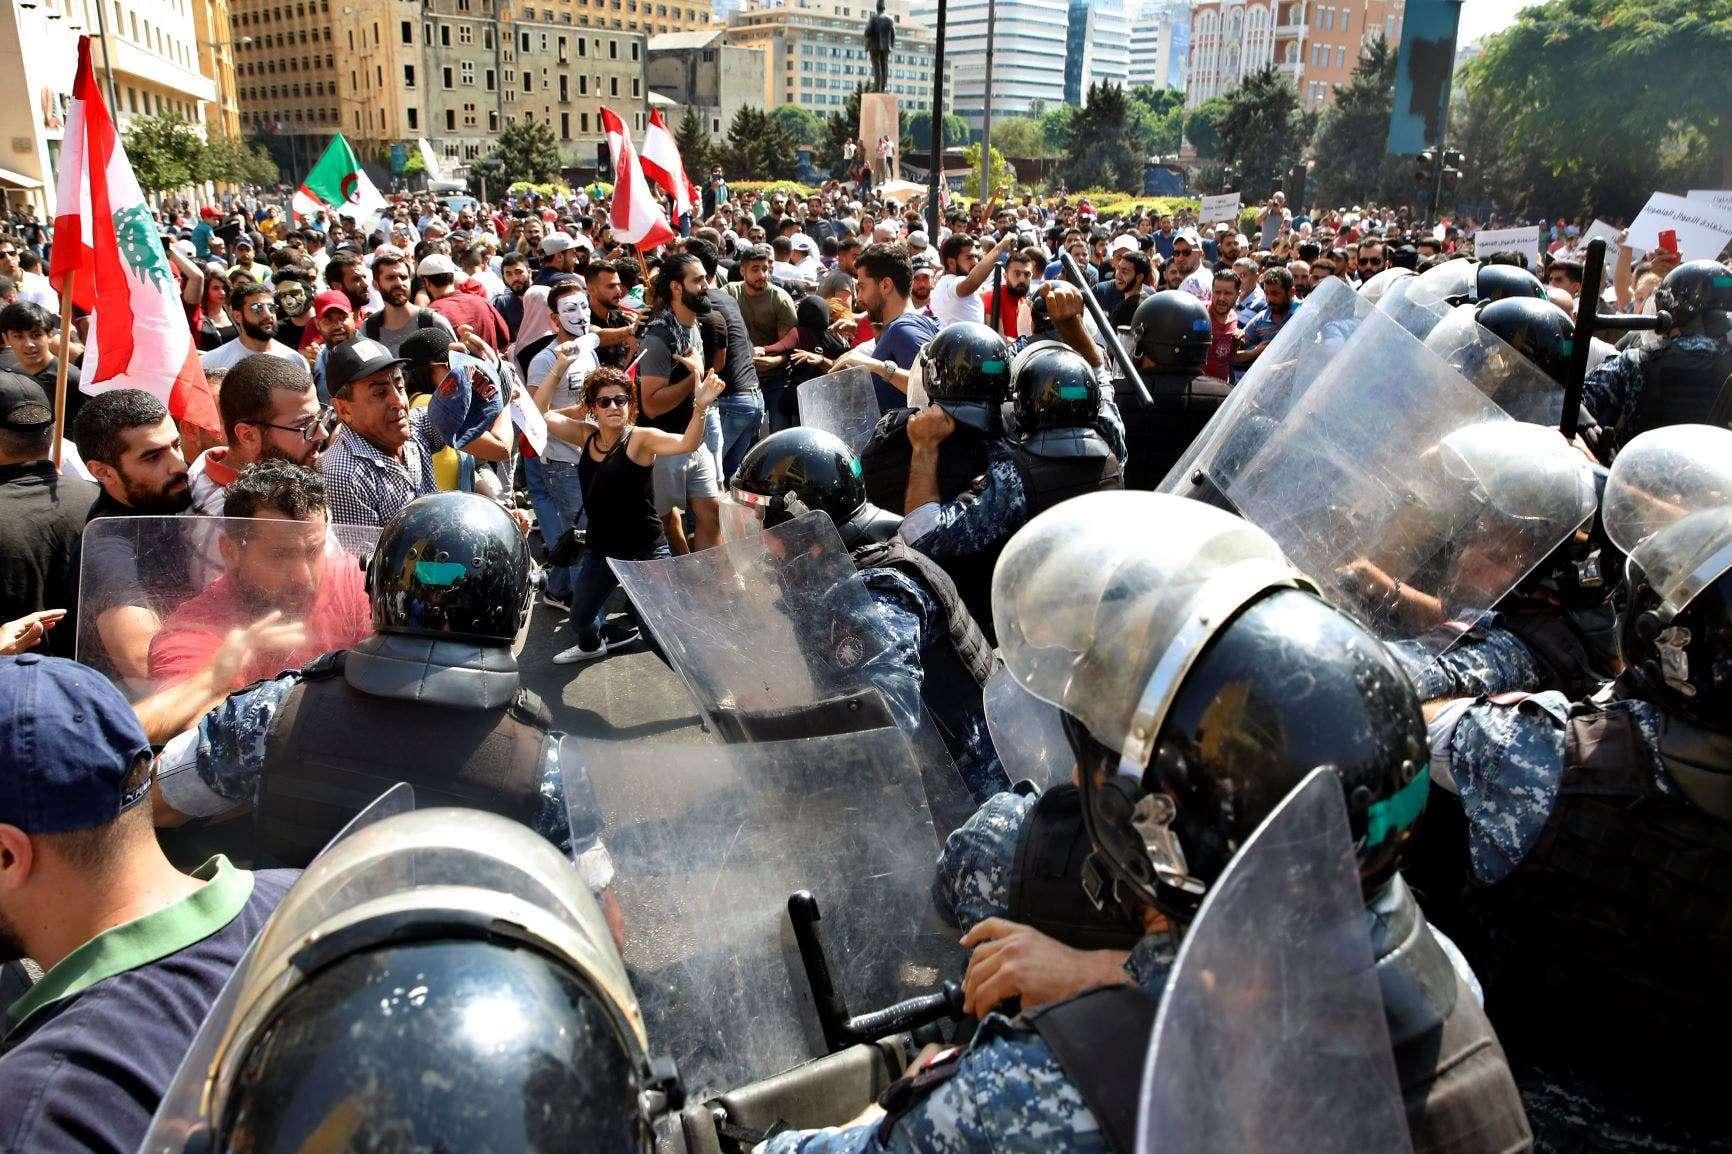 لبنان: التعامل الأمني مع الاحتجاجات خرق واضح لمعايير حقوق الإنسان